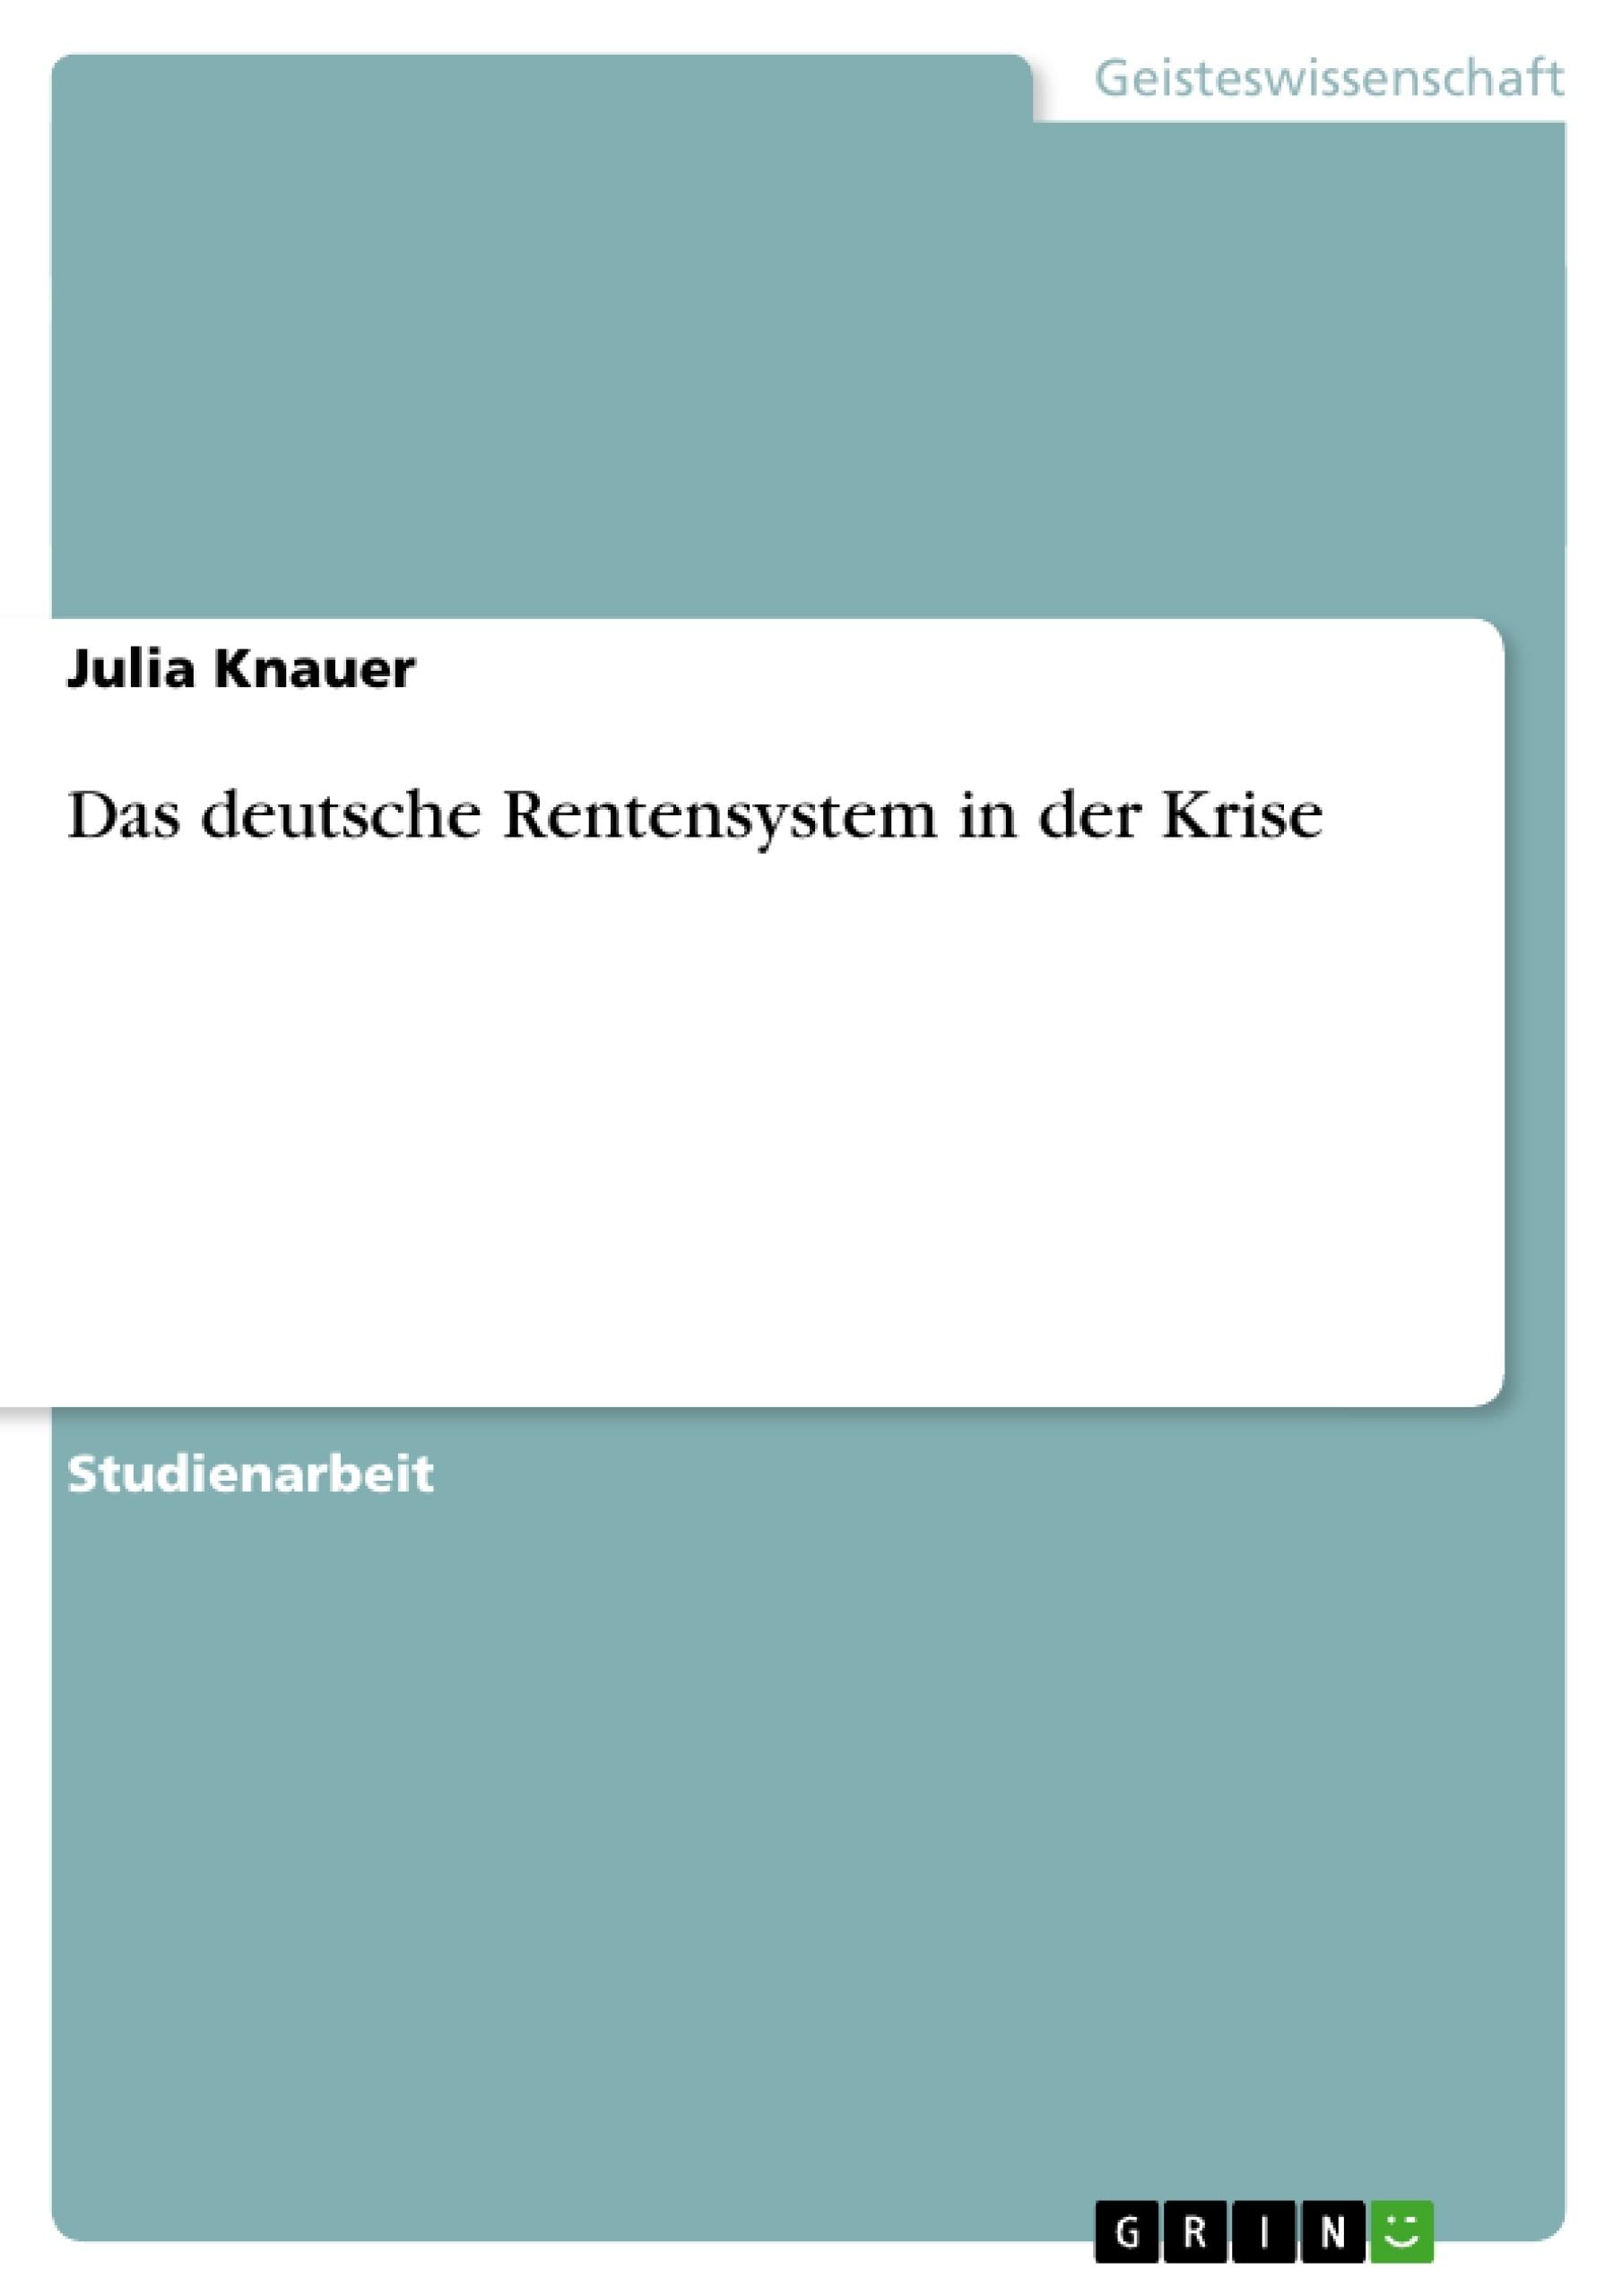 Titel: Das deutsche Rentensystem in der Krise